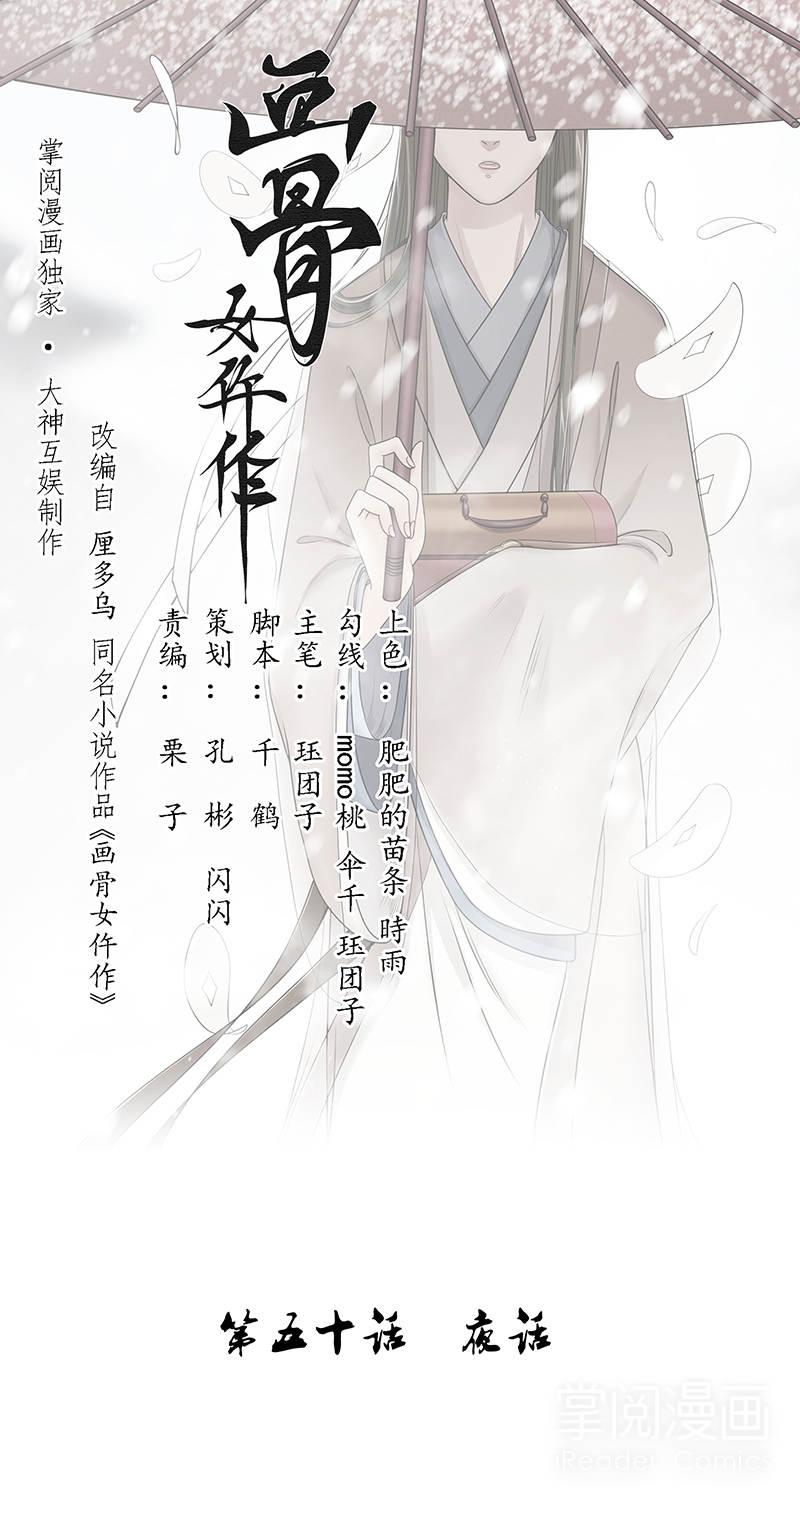 画骨女仵作第55话  夜话 第 1